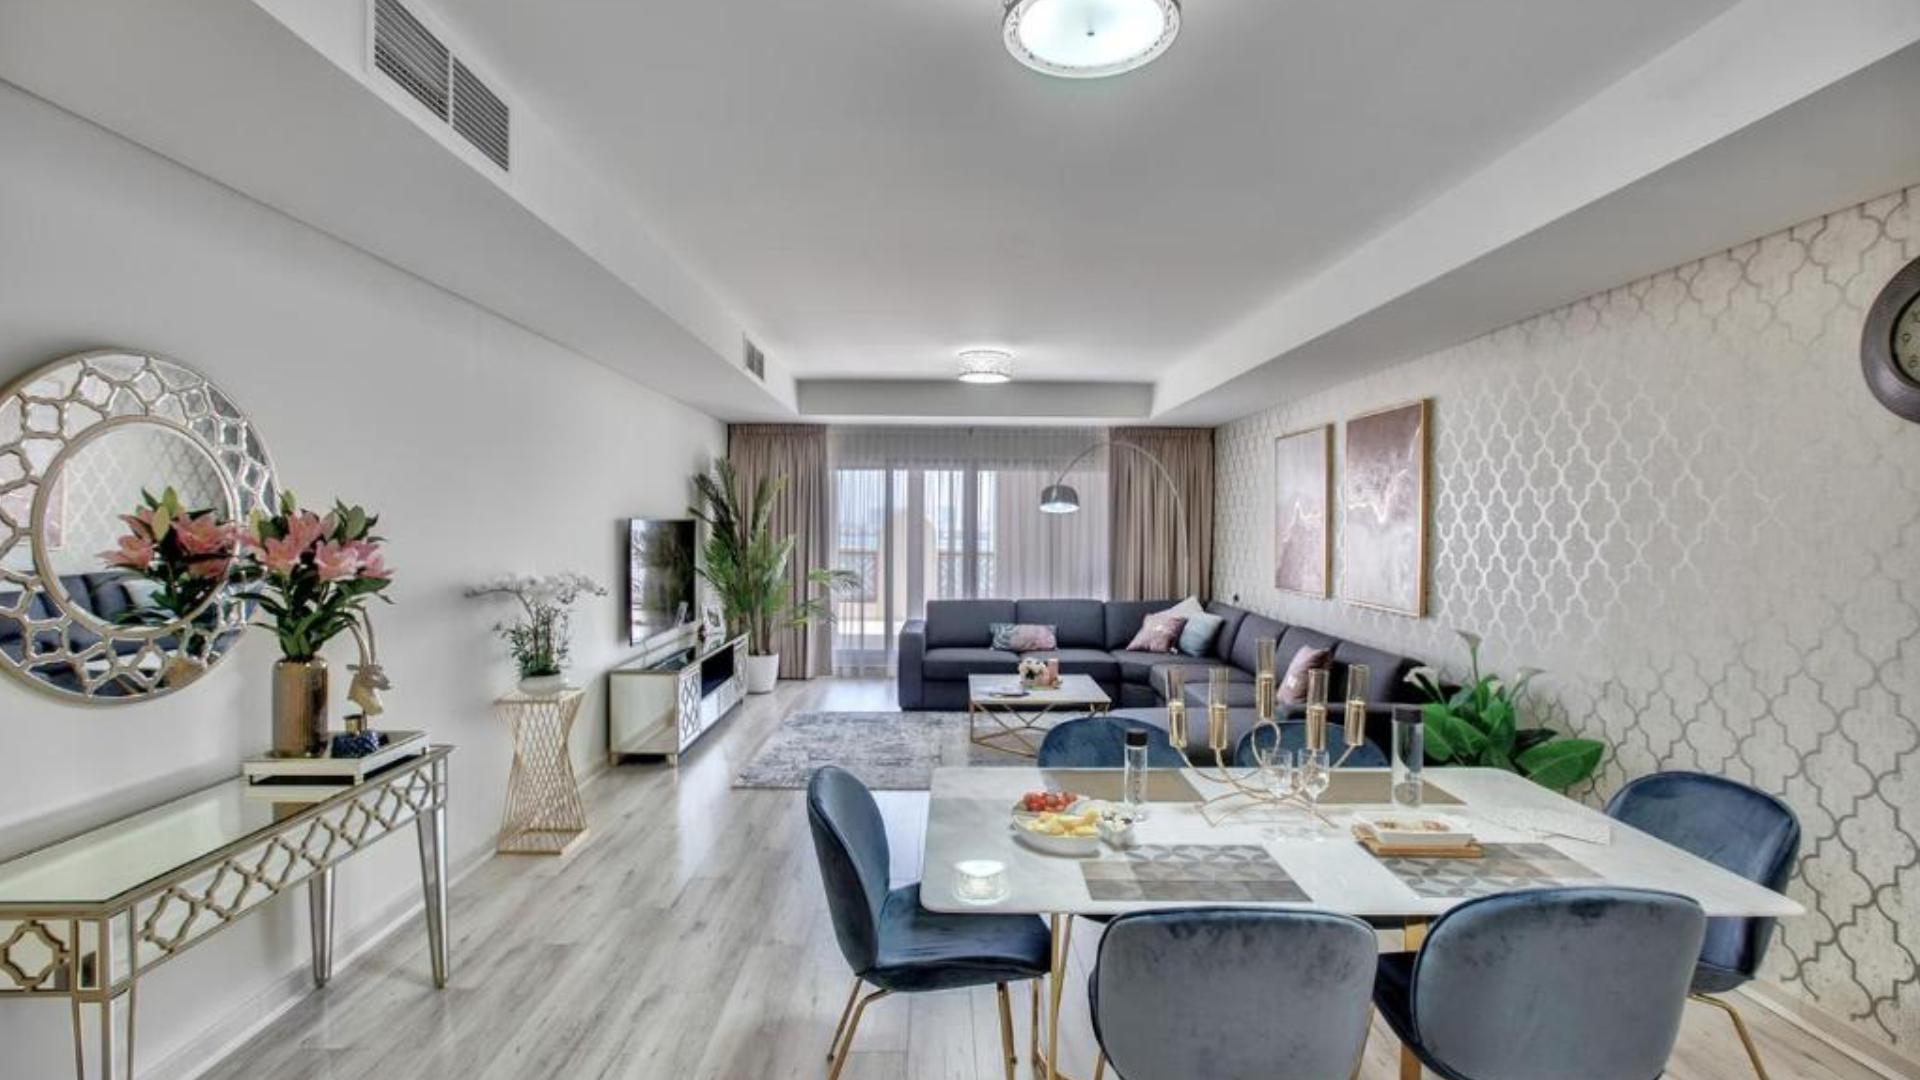 Adosado en venta en Dubai, EAU, 4 dormitorios, 770 m2, № 24471 – foto 3